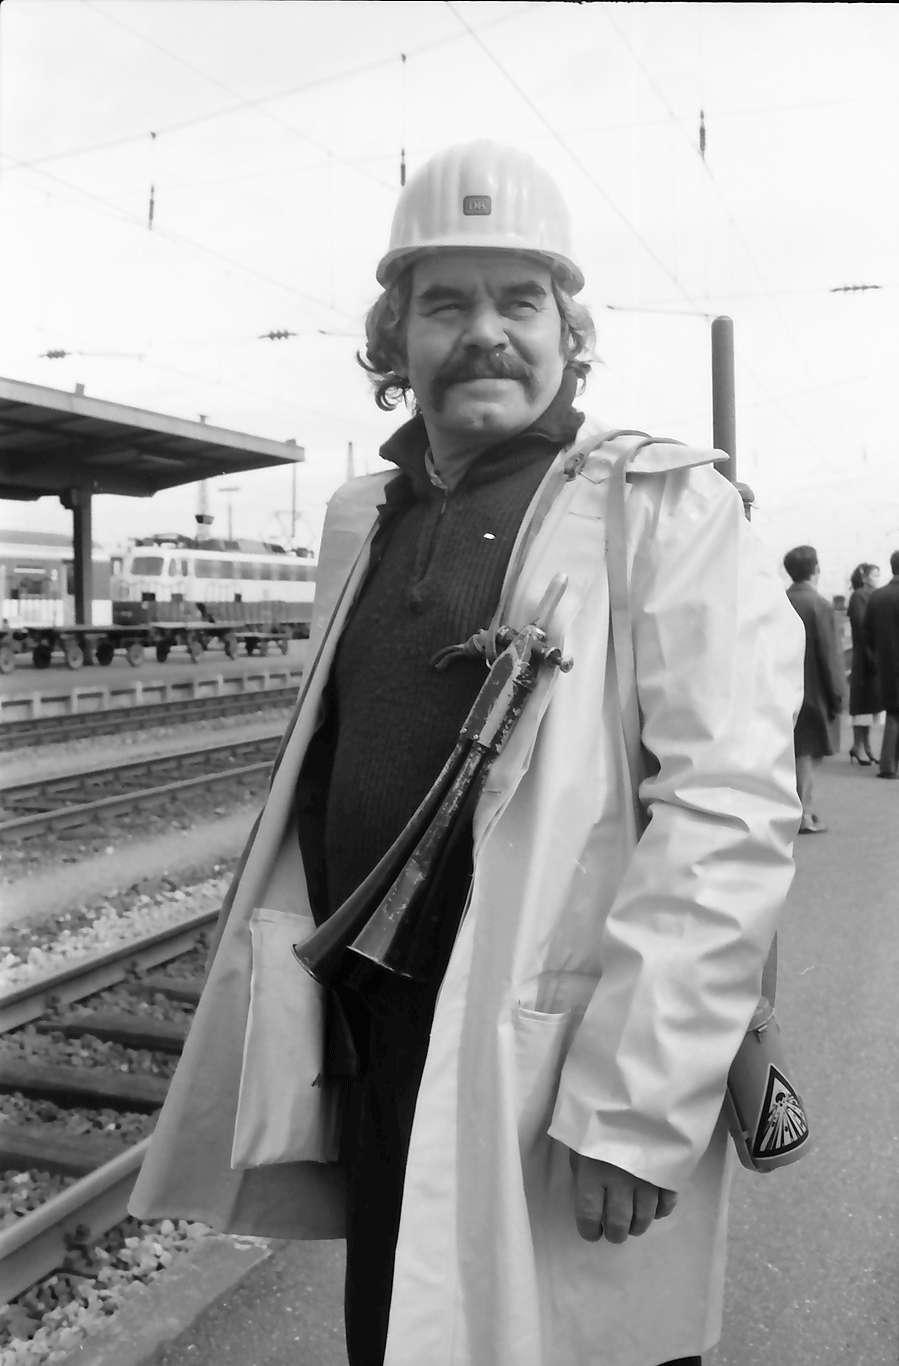 Kehl: Eisenbahner; Porträt mit Helm, Bild 1